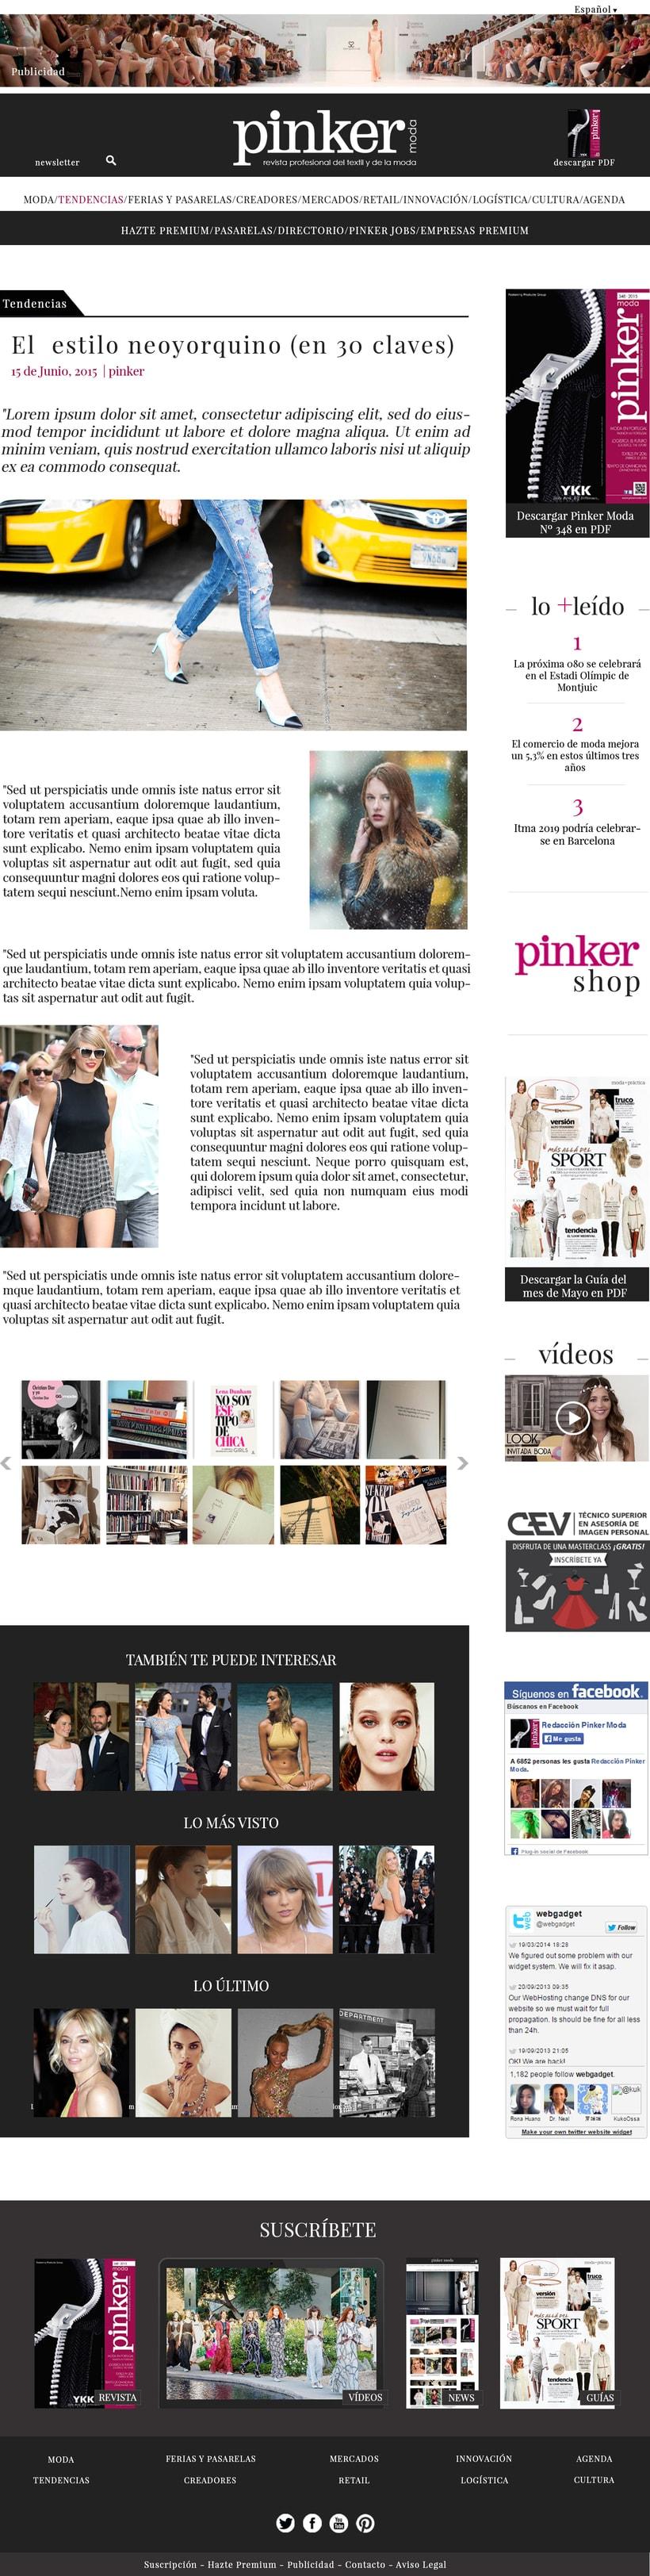 WEB LAYOUT - Pinker moda 1